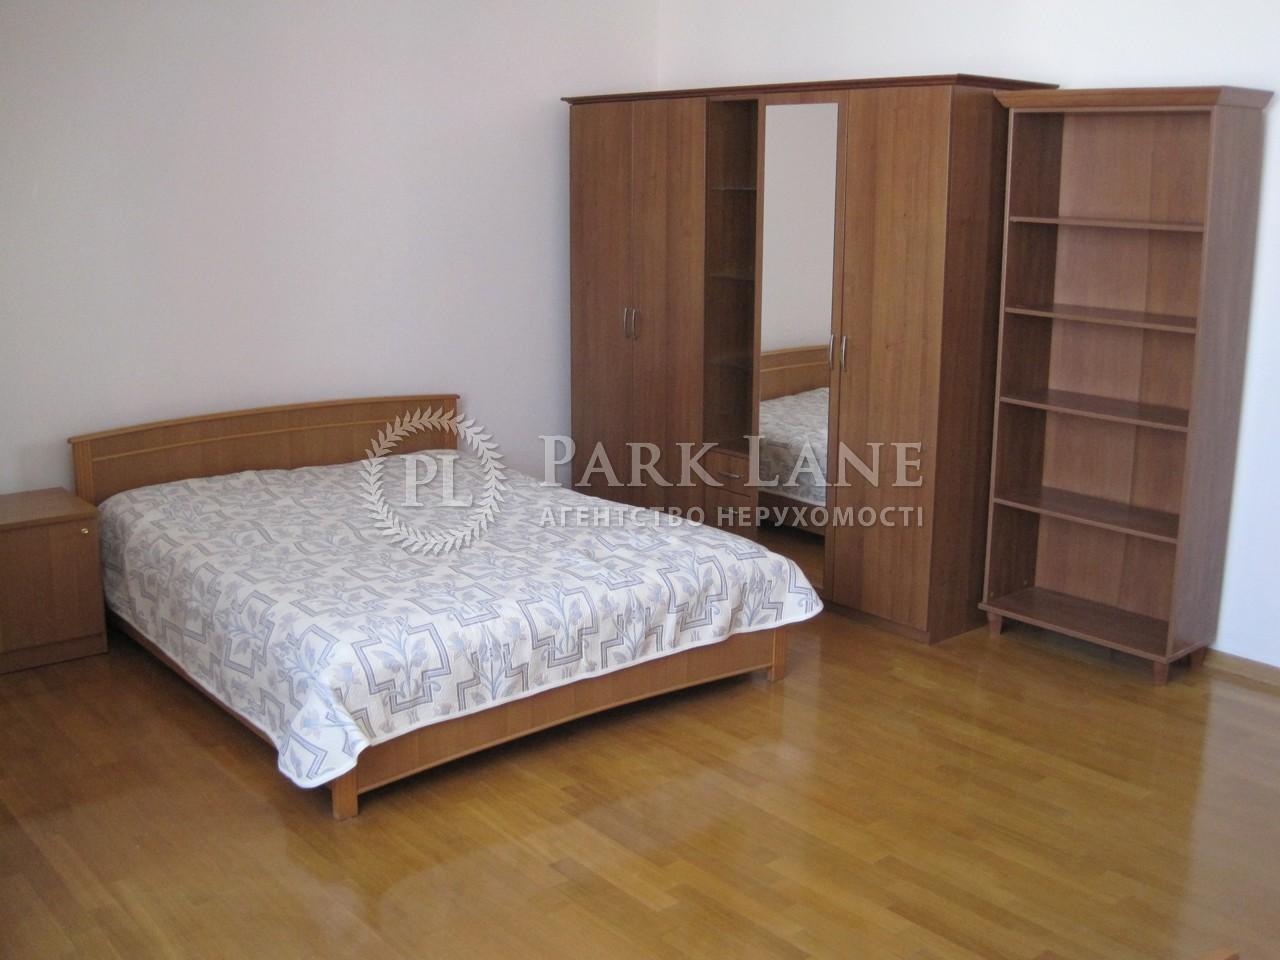 Квартира R-25183, Бульварно-Кудрявская (Воровского), 11а, Киев - Фото 5